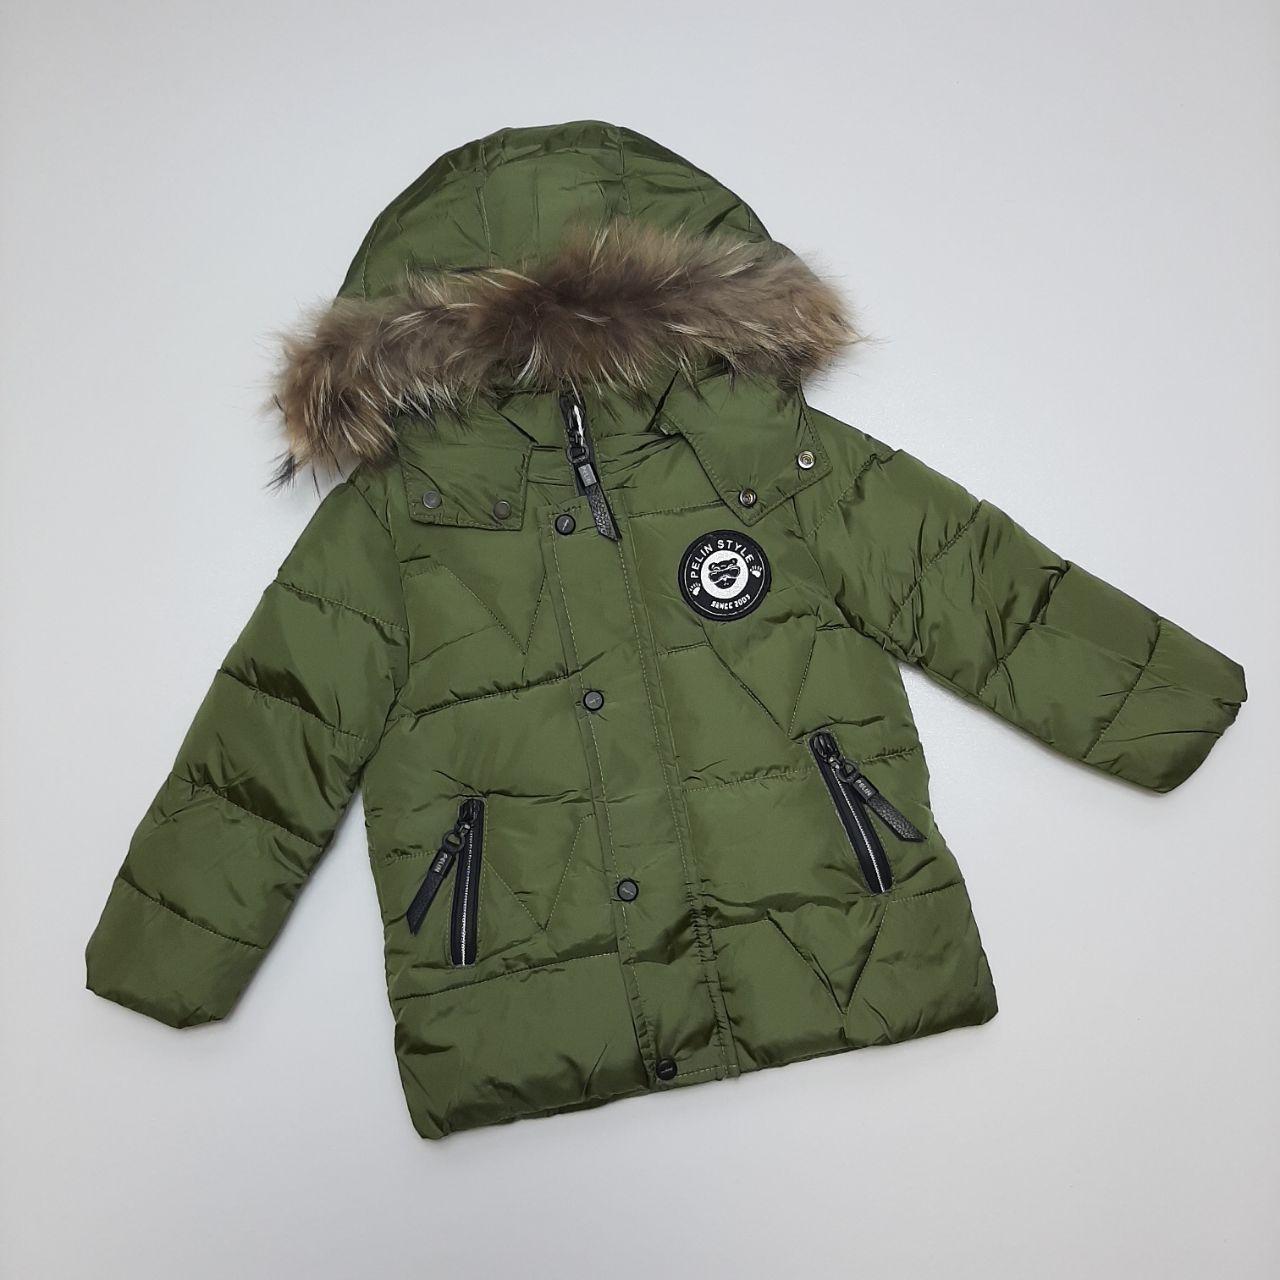 Зимняя куртка для мальчика с натуральным мехом  БИО-ПУХ Хаки р. 98, 104, 110